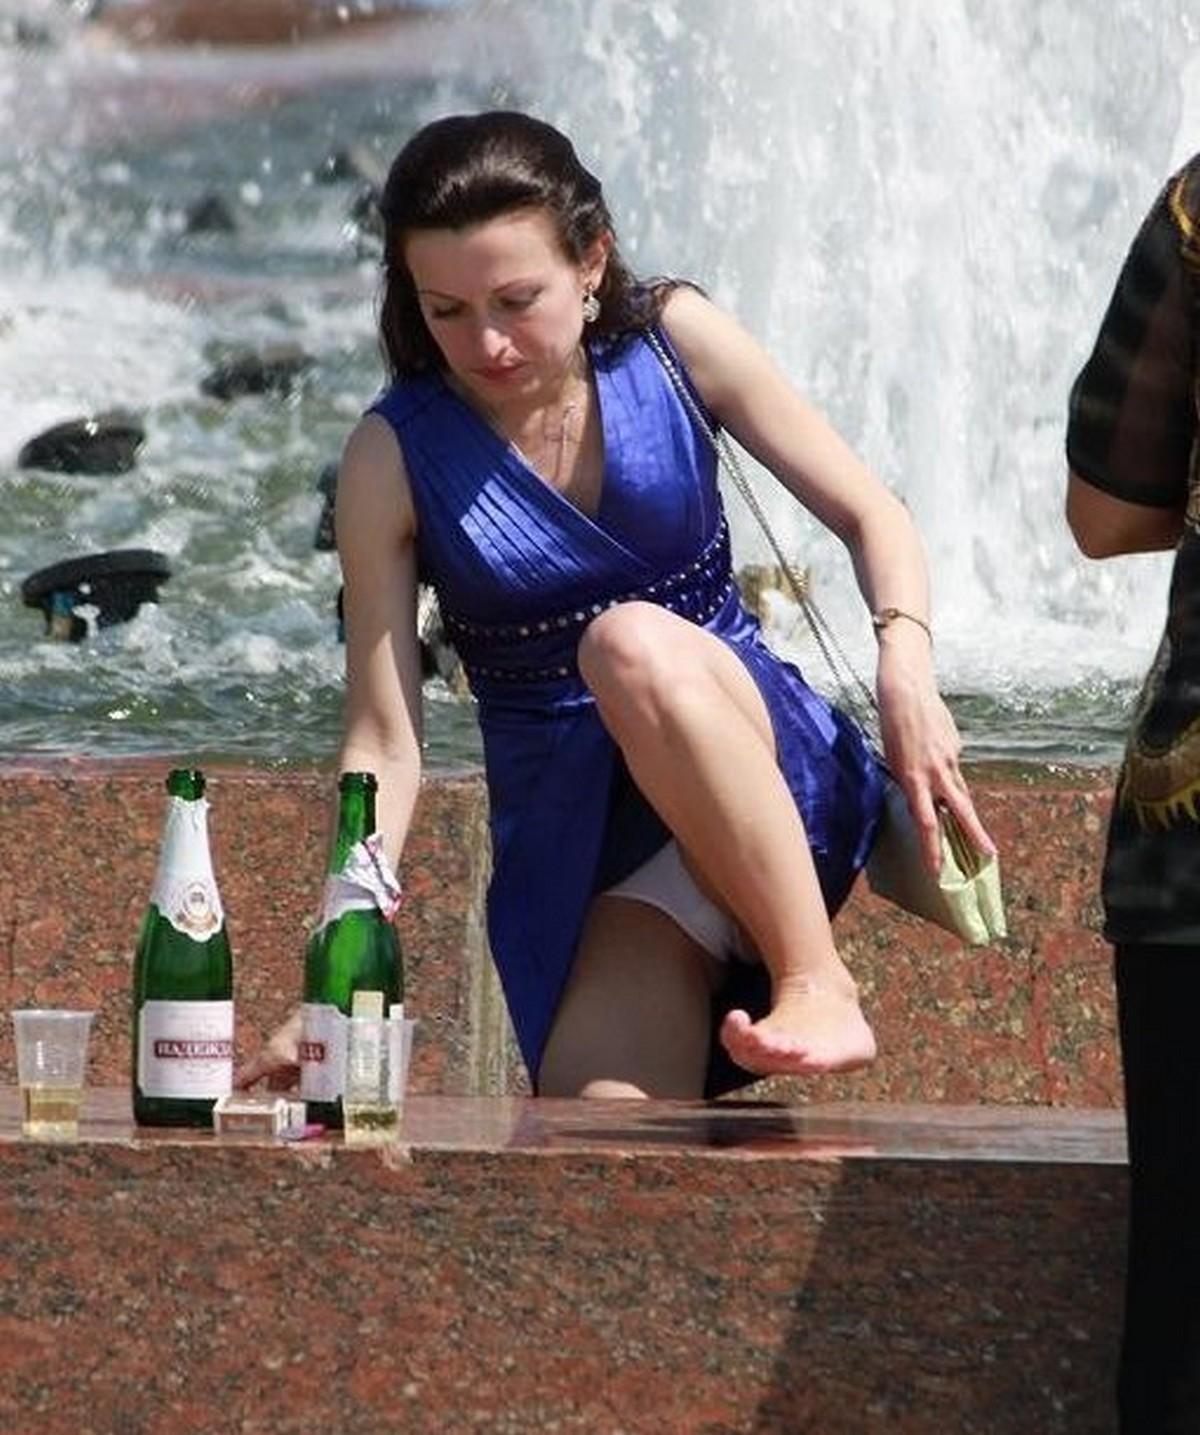 【パンチラエロ画像】水浴びついでの…濡れてるかもしれない外人さんの下着チラ(;´Д`)